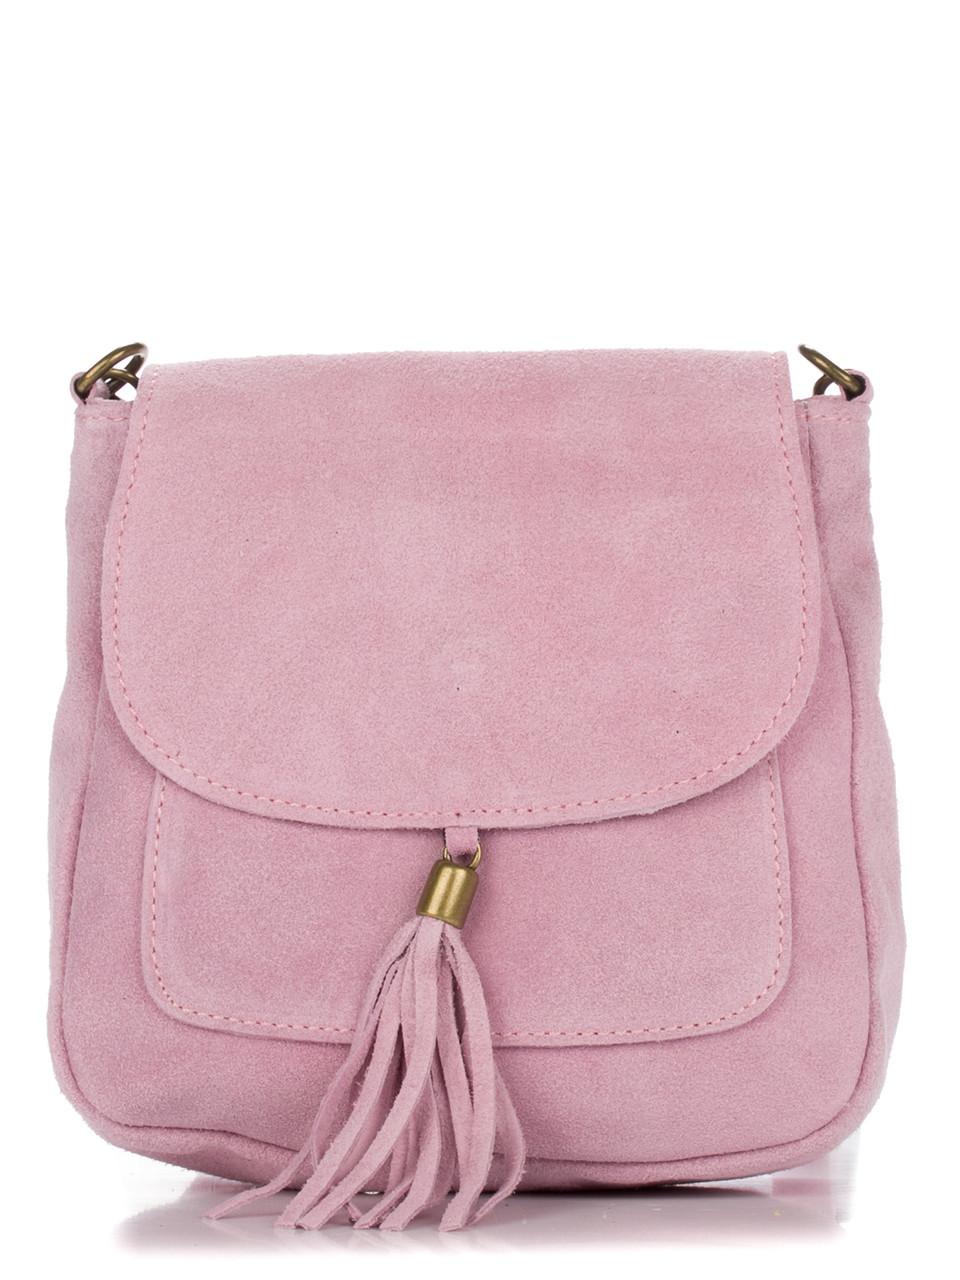 Женская кожаная сумка LANIRA Diva's Bag цвет розовый